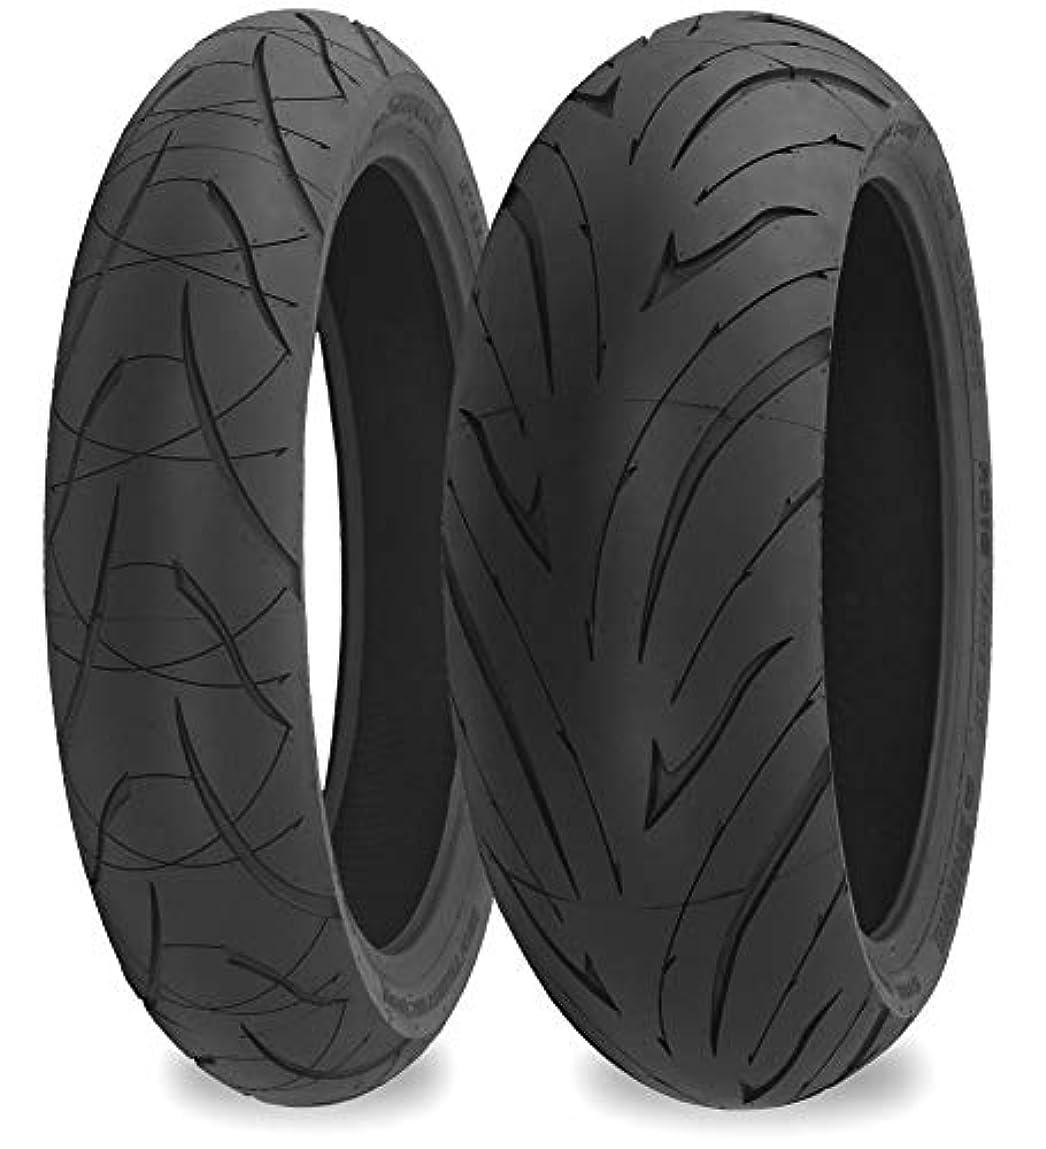 コンセンサス電話なぞらえるShinko 016 Verge 2X Front Tire - 120/70ZR17, Position: Front, Tire Size: 120/70-17, Rim Size: 17, Load Rating: 58, Speed Rating: W, Tire Type: Street, Tire Application: Sport 87-4084 by Shinko